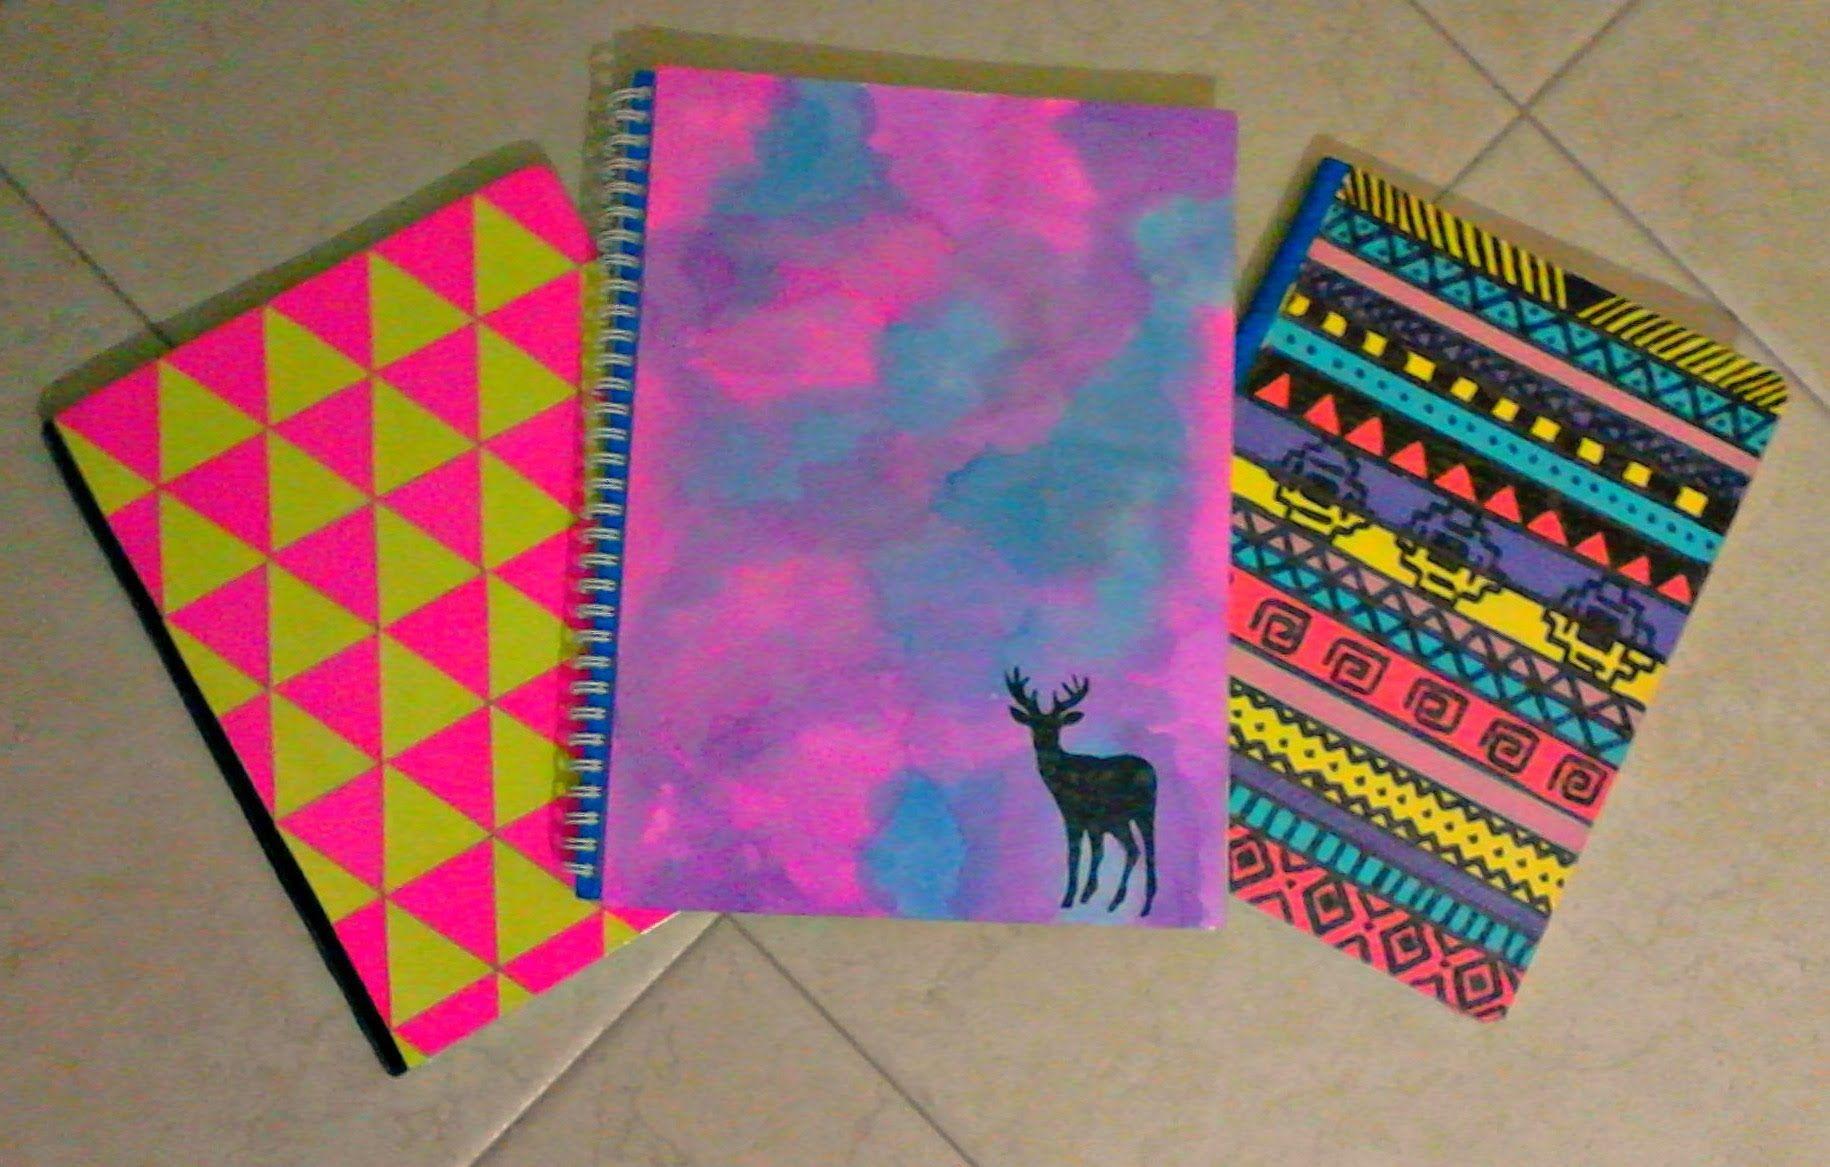 Portadas Para Cuadernos Decora Tus Libretas Con Dibujos: DIY DECORA TUS CUADERNOS -----FÁCIL Y BONITO